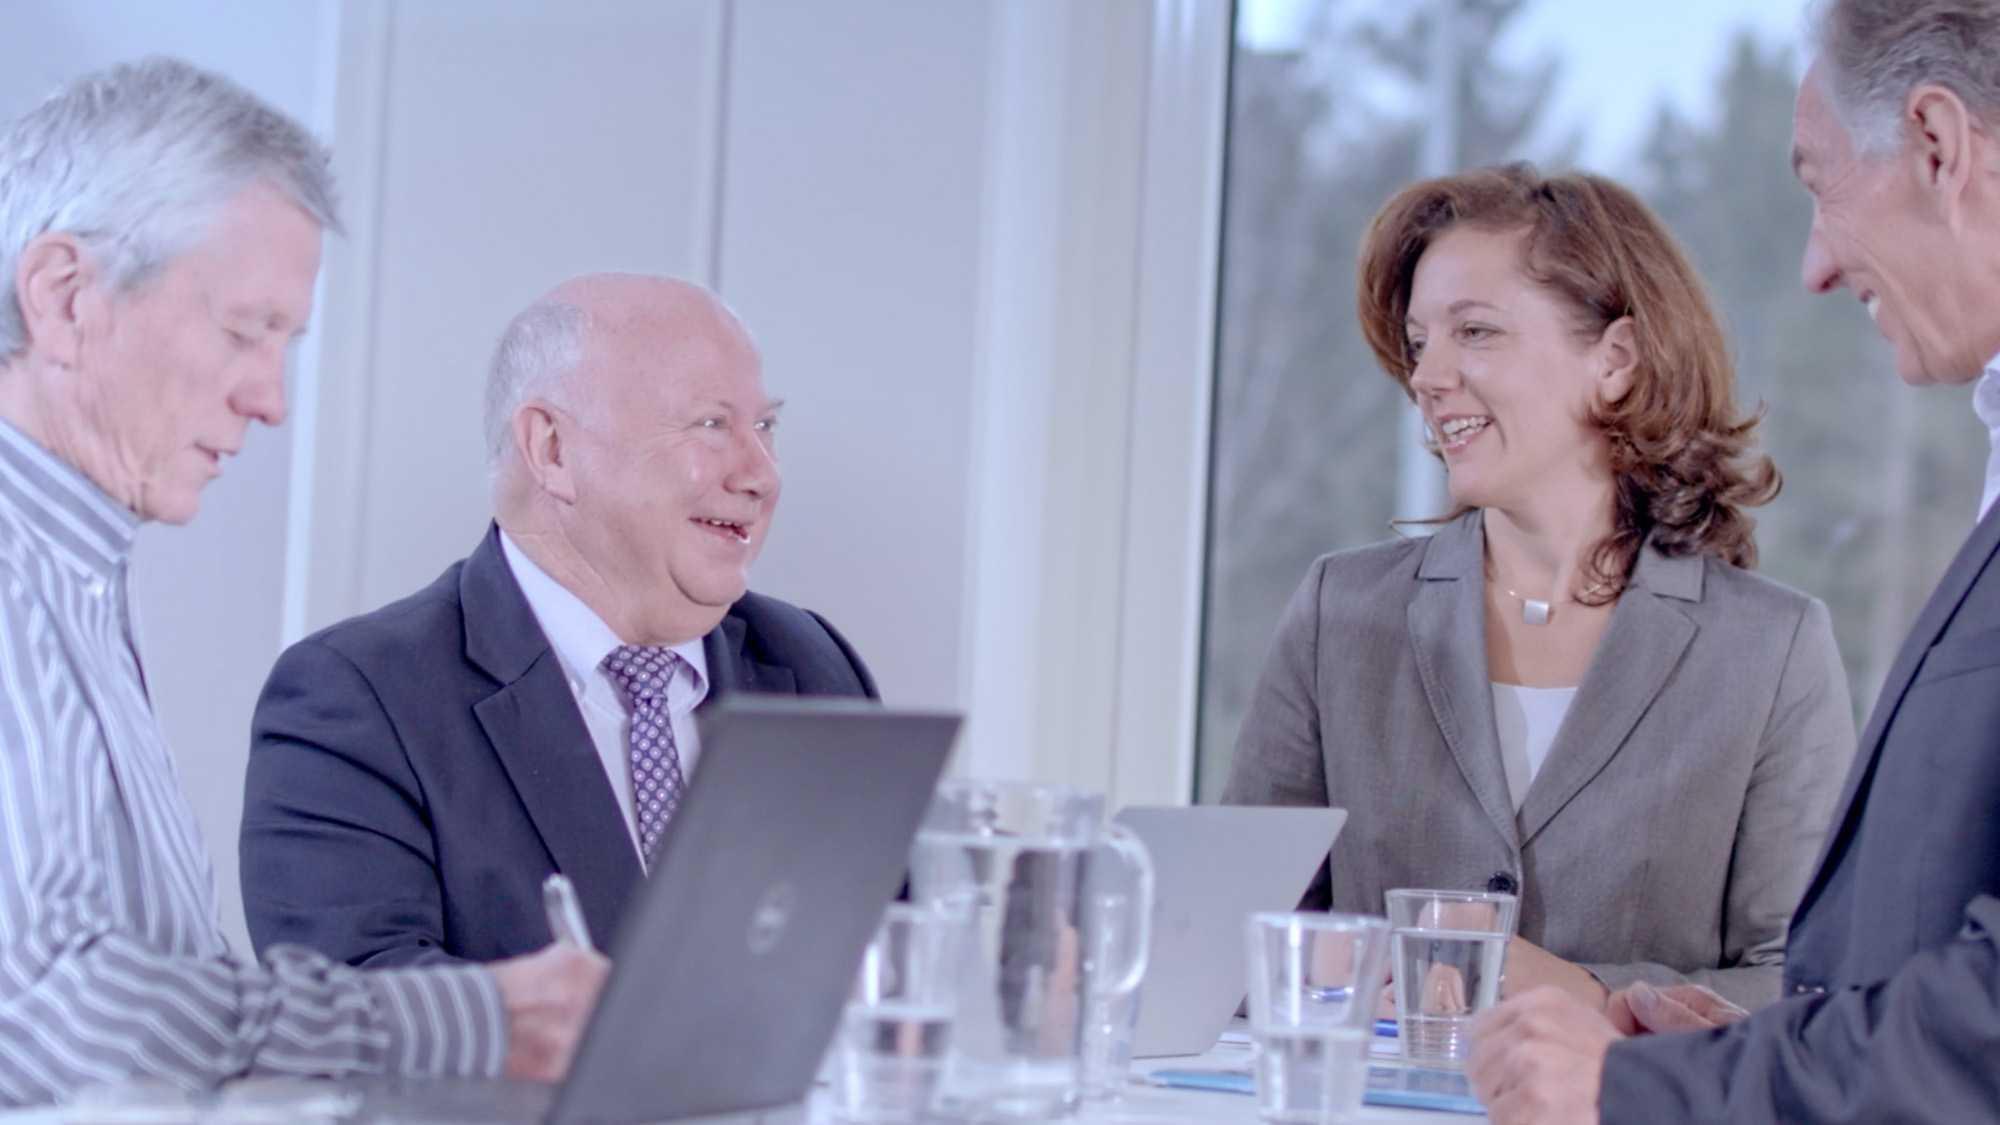 Das Bild zeigt drei Männer und eine Frau die an einem Tisch sitzen. Auf der linken Seite sitzen zwei Männer auf der rechten Seite sitzt die Frau und der dritte Mann. Auf dem Tisch stehen Gläser und eine Wasserkaraffe sowie zwei Laptops. Das Bild dient als Sliderbild für den Portfolioeintrag Munich Aerospace Imagefilm von Panda Pictures.